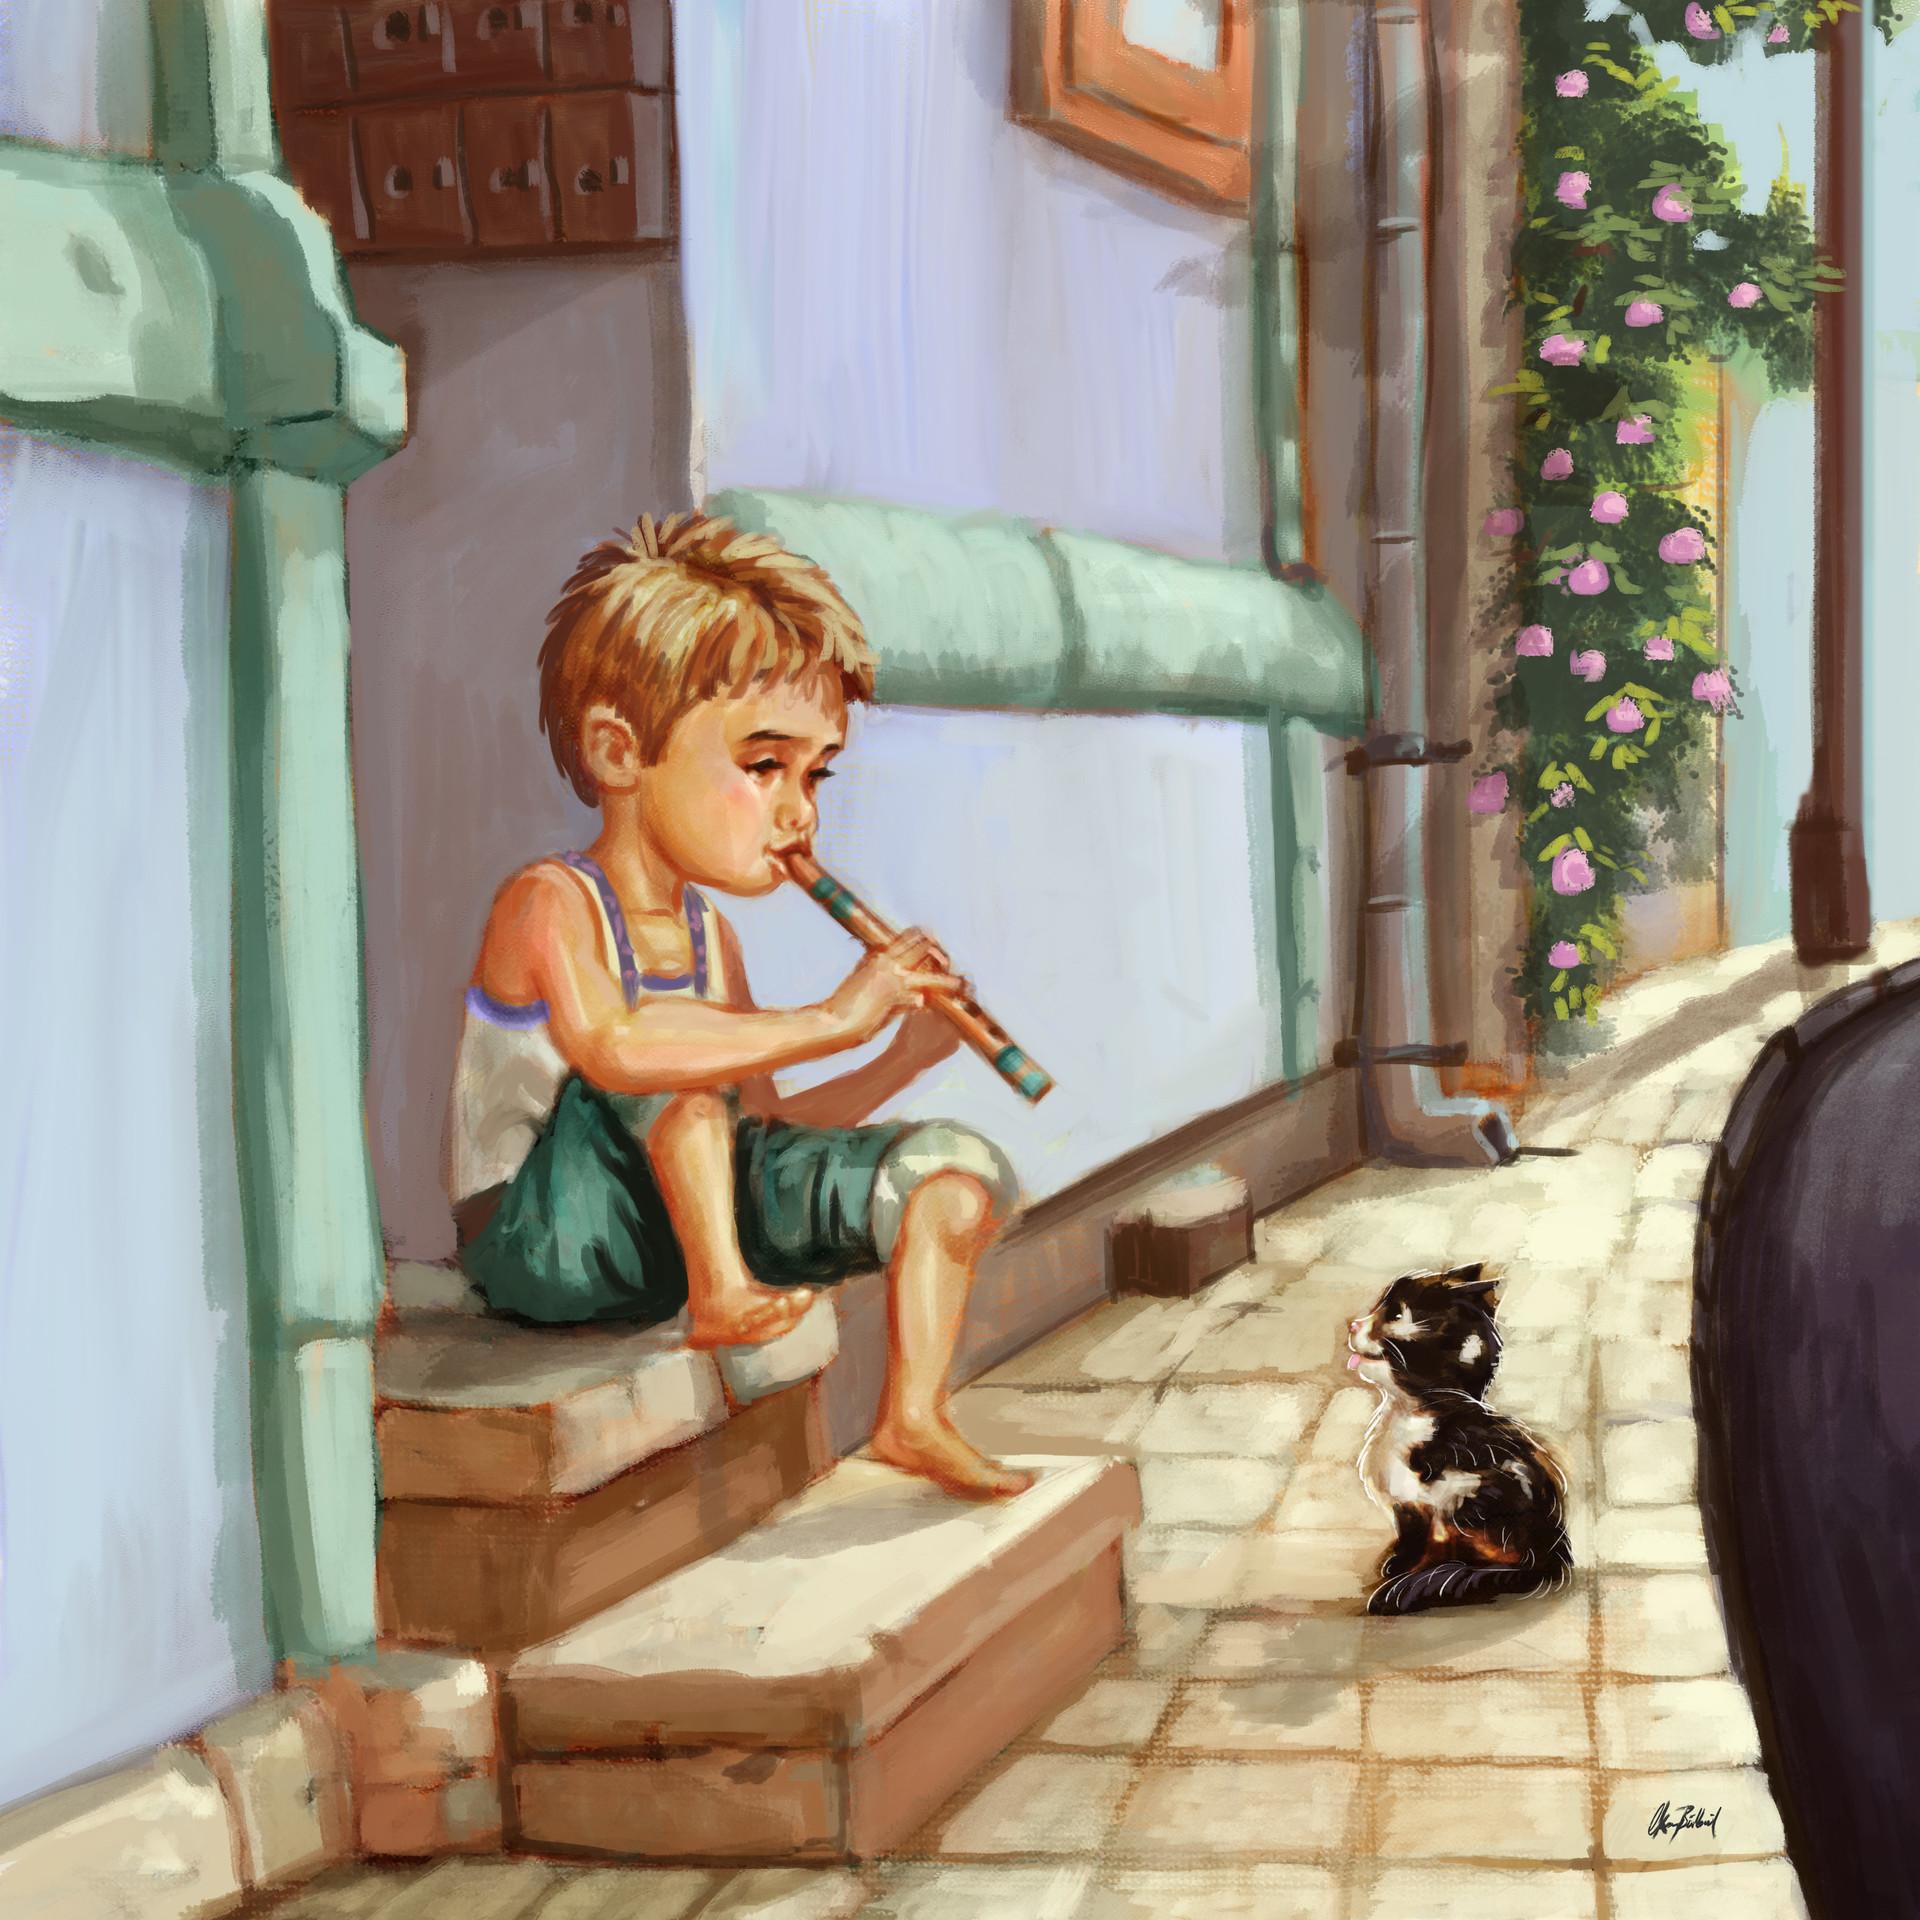 Okan bulbul kid playing flute03